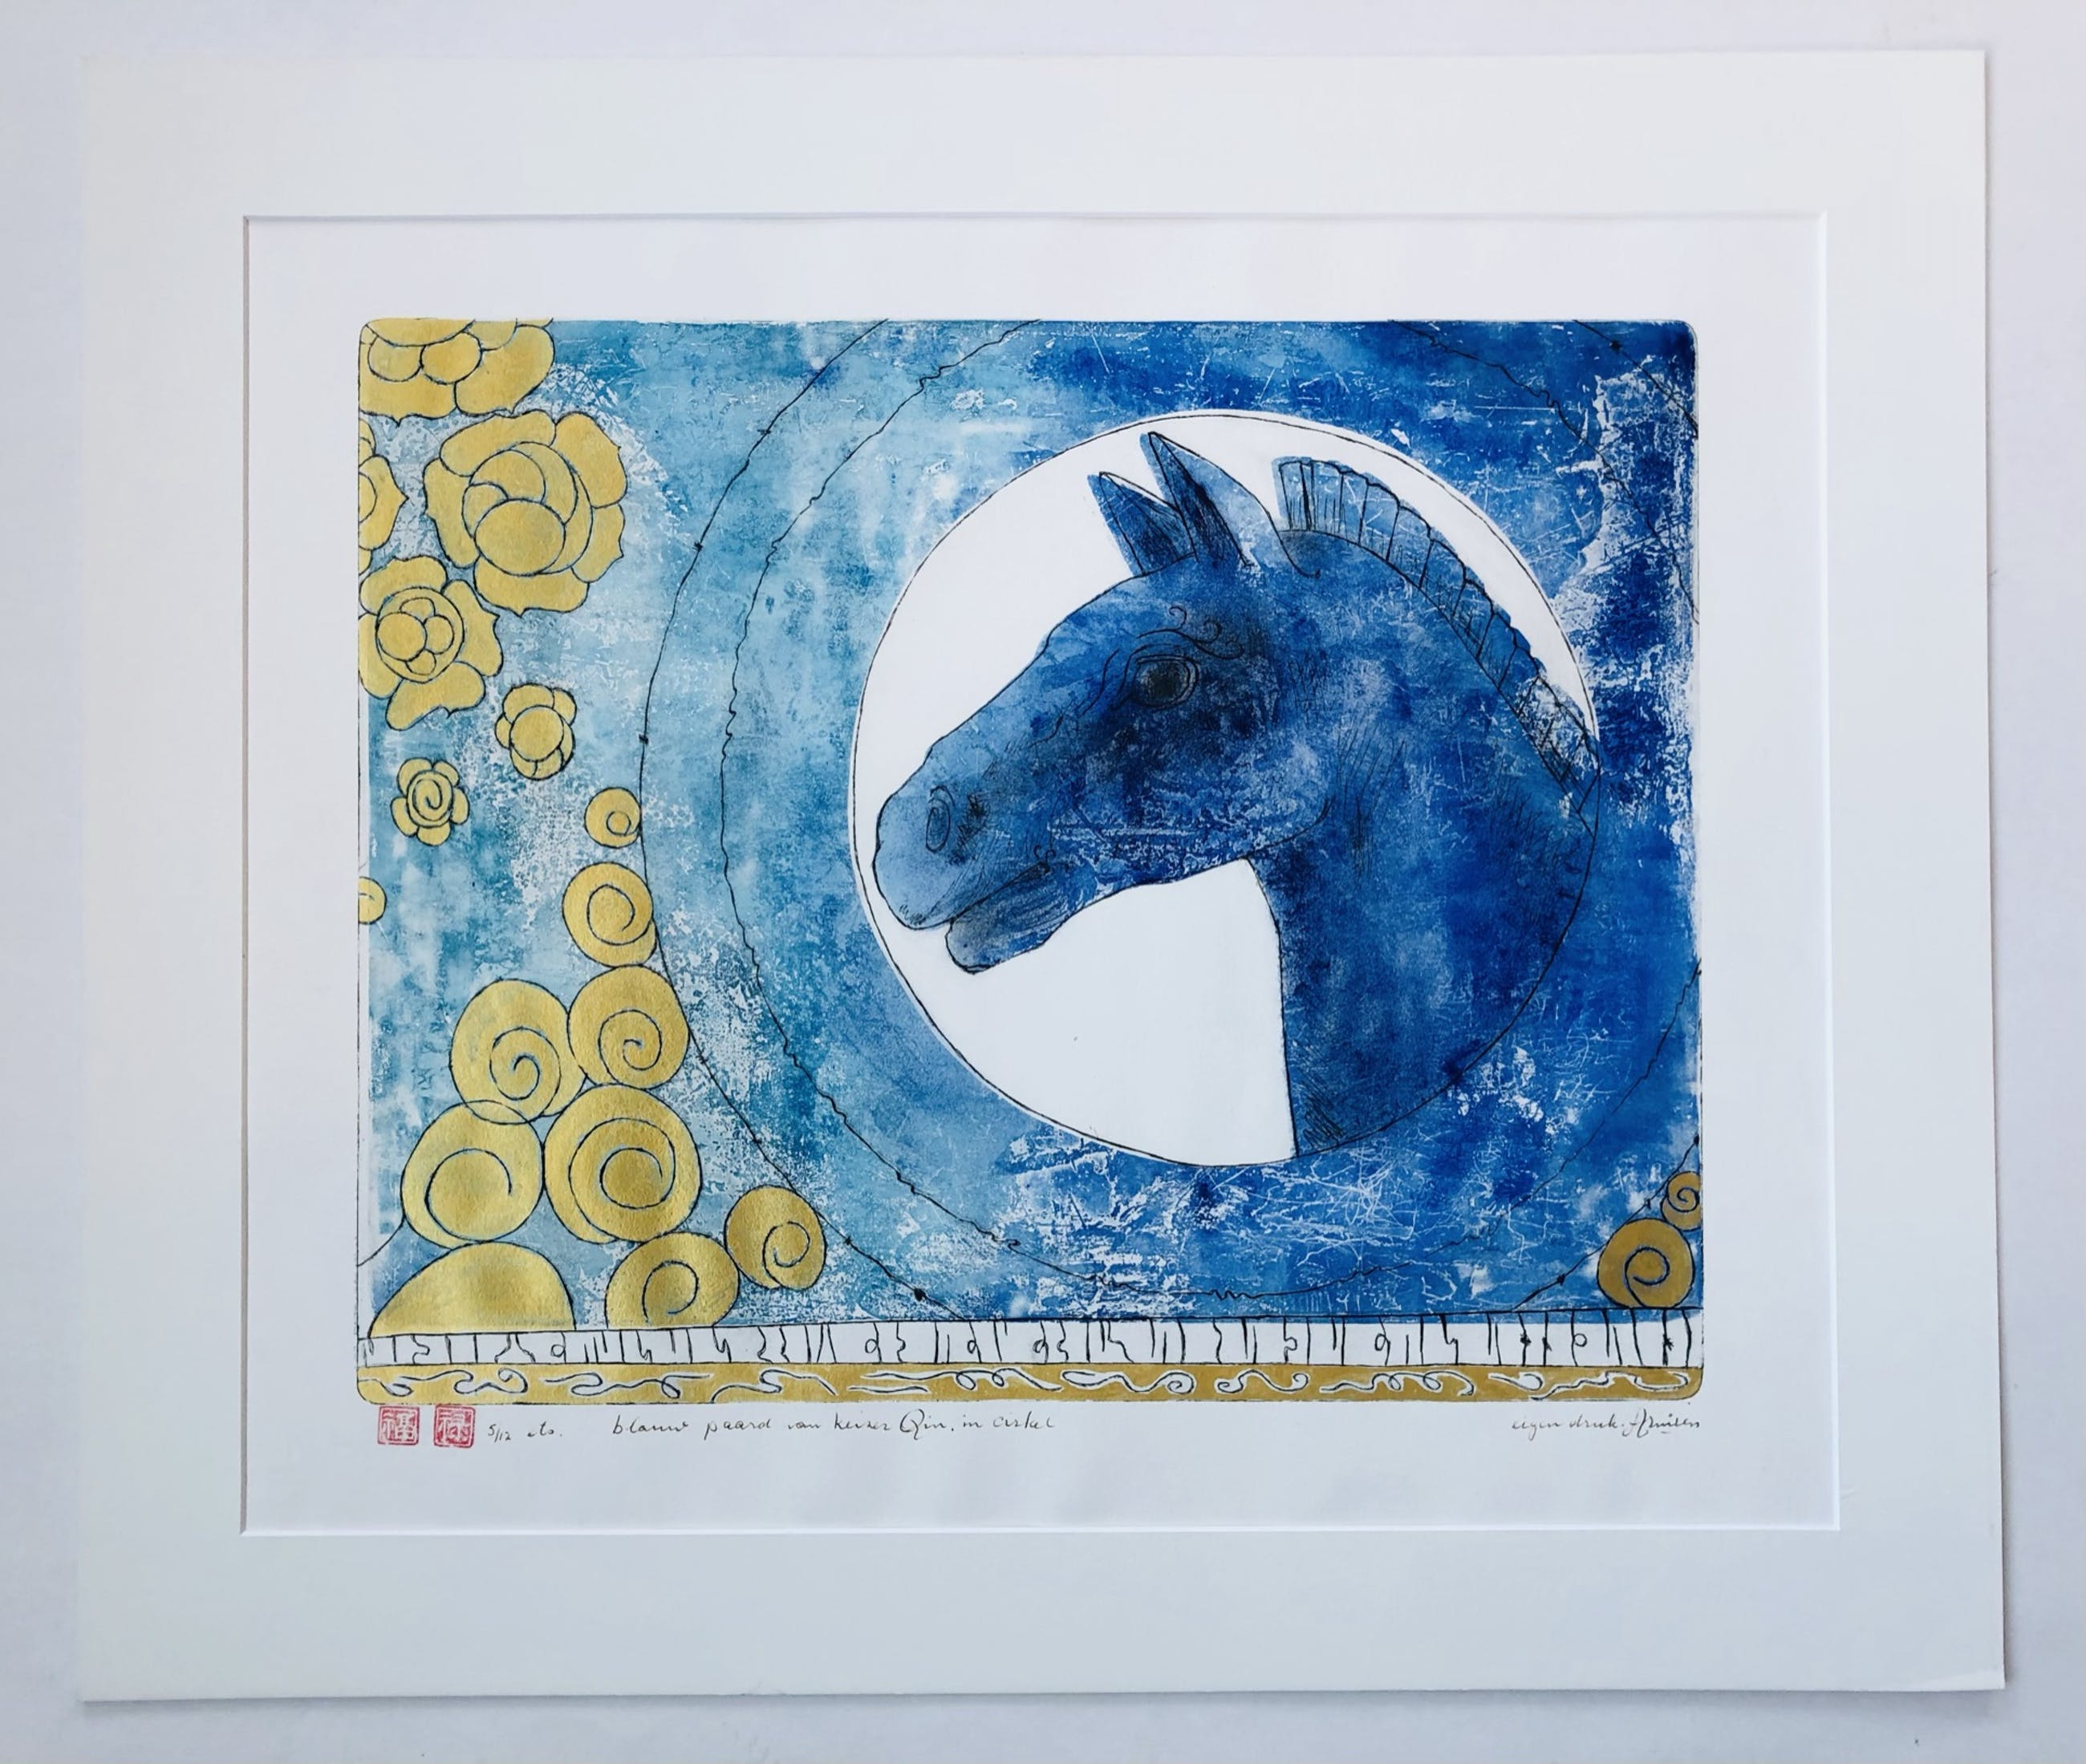 Armien Visser - Blauw paard van keizer Qin, in cirkel kopen? Bied vanaf 75!